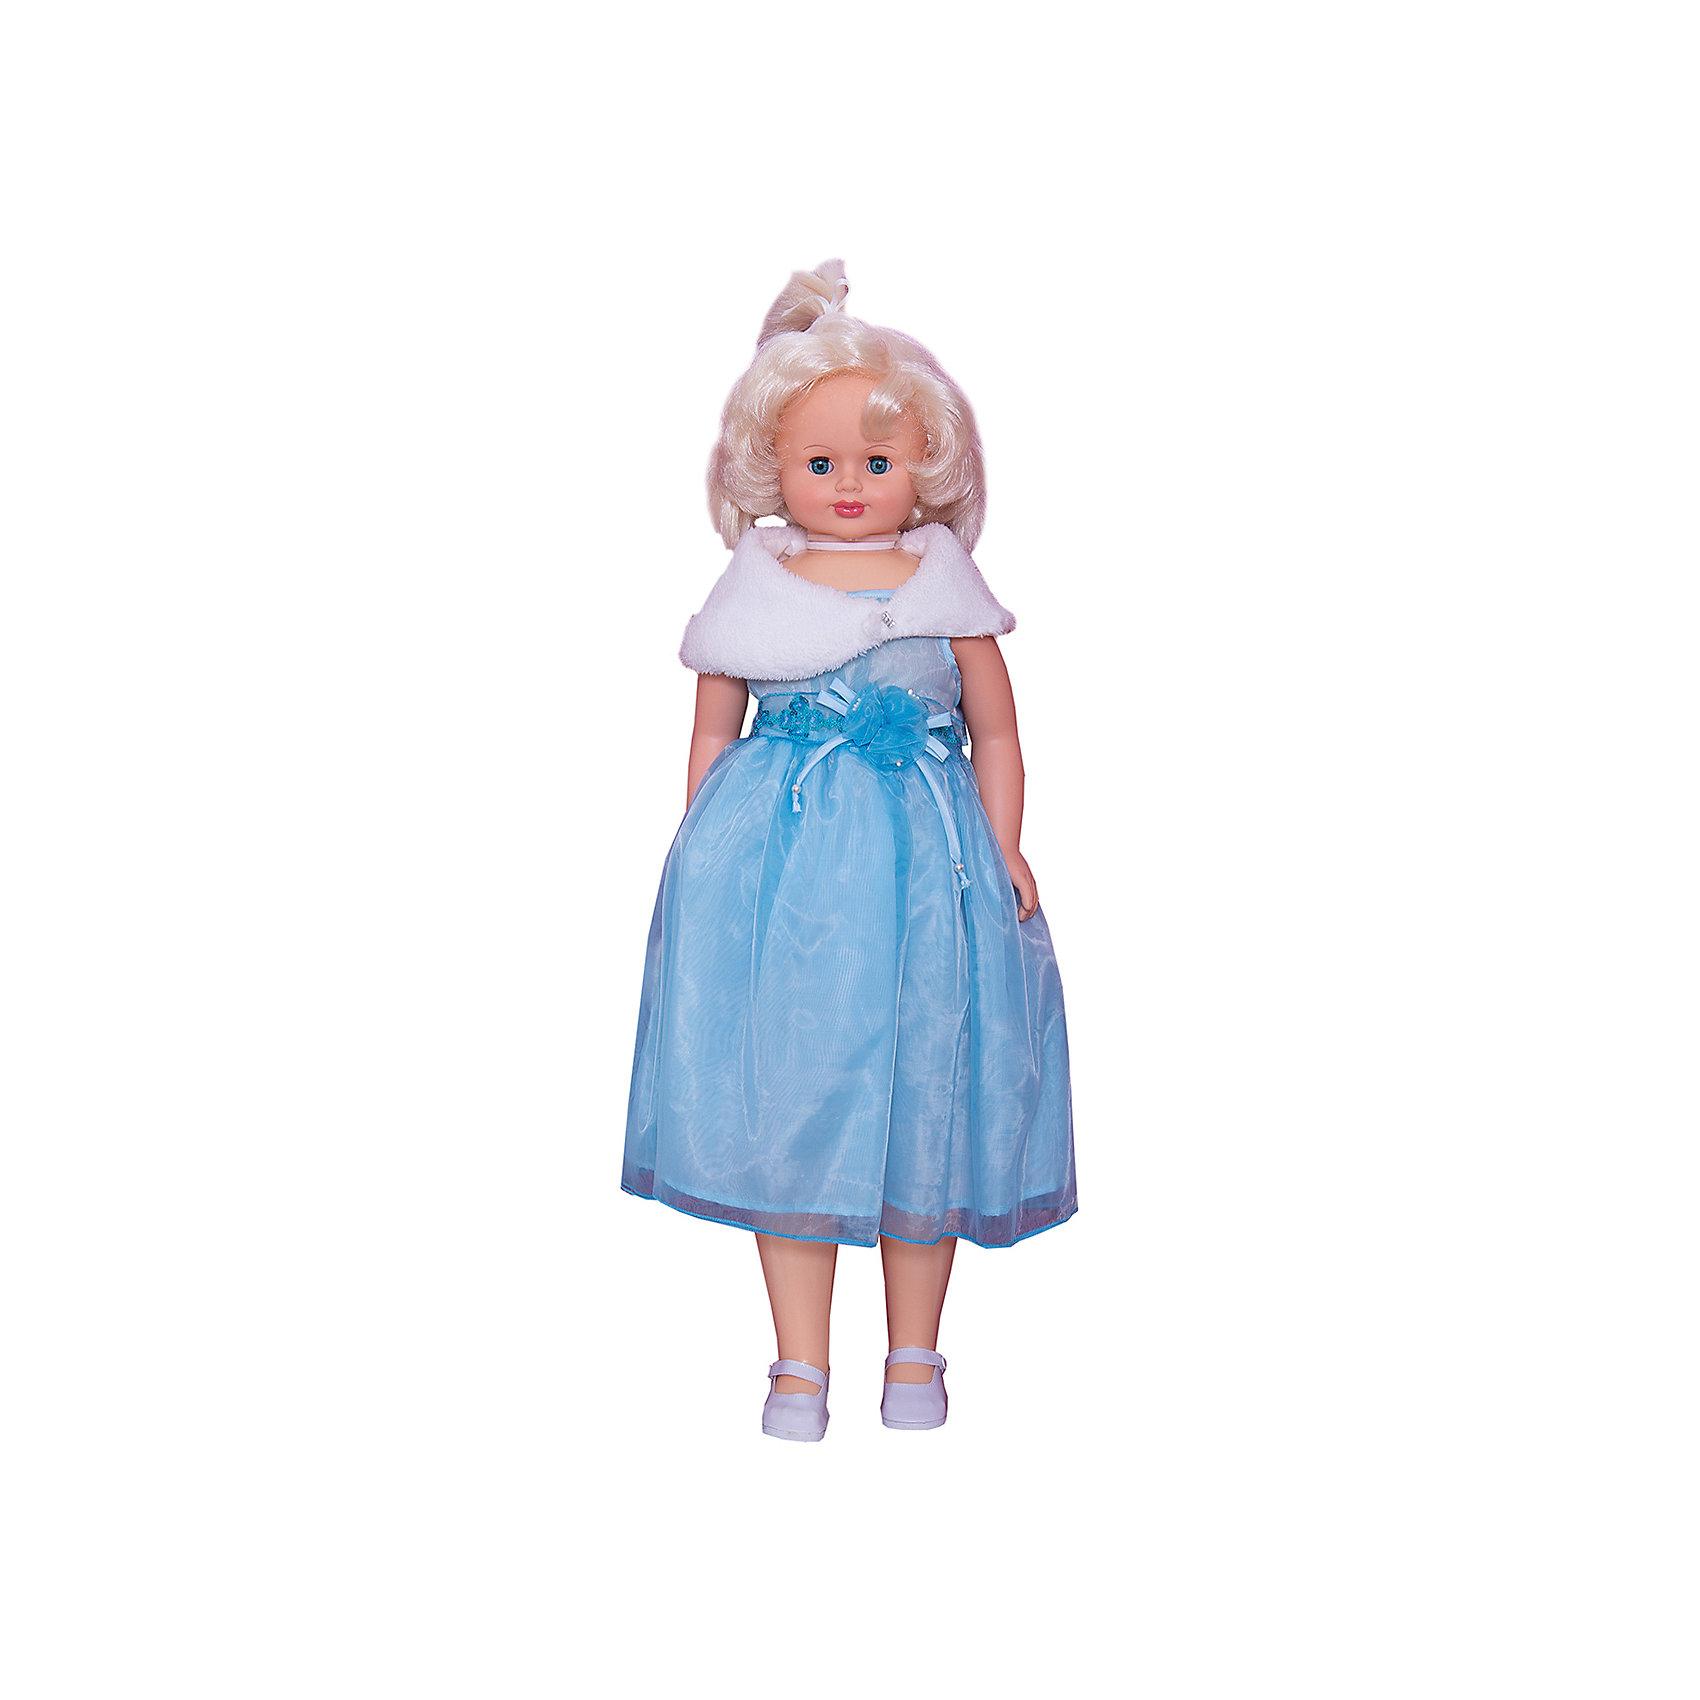 Весна Кукла Снежана 12, со звуком, 87 см, Весна кукла весна инна в куртке со звуком 43 см